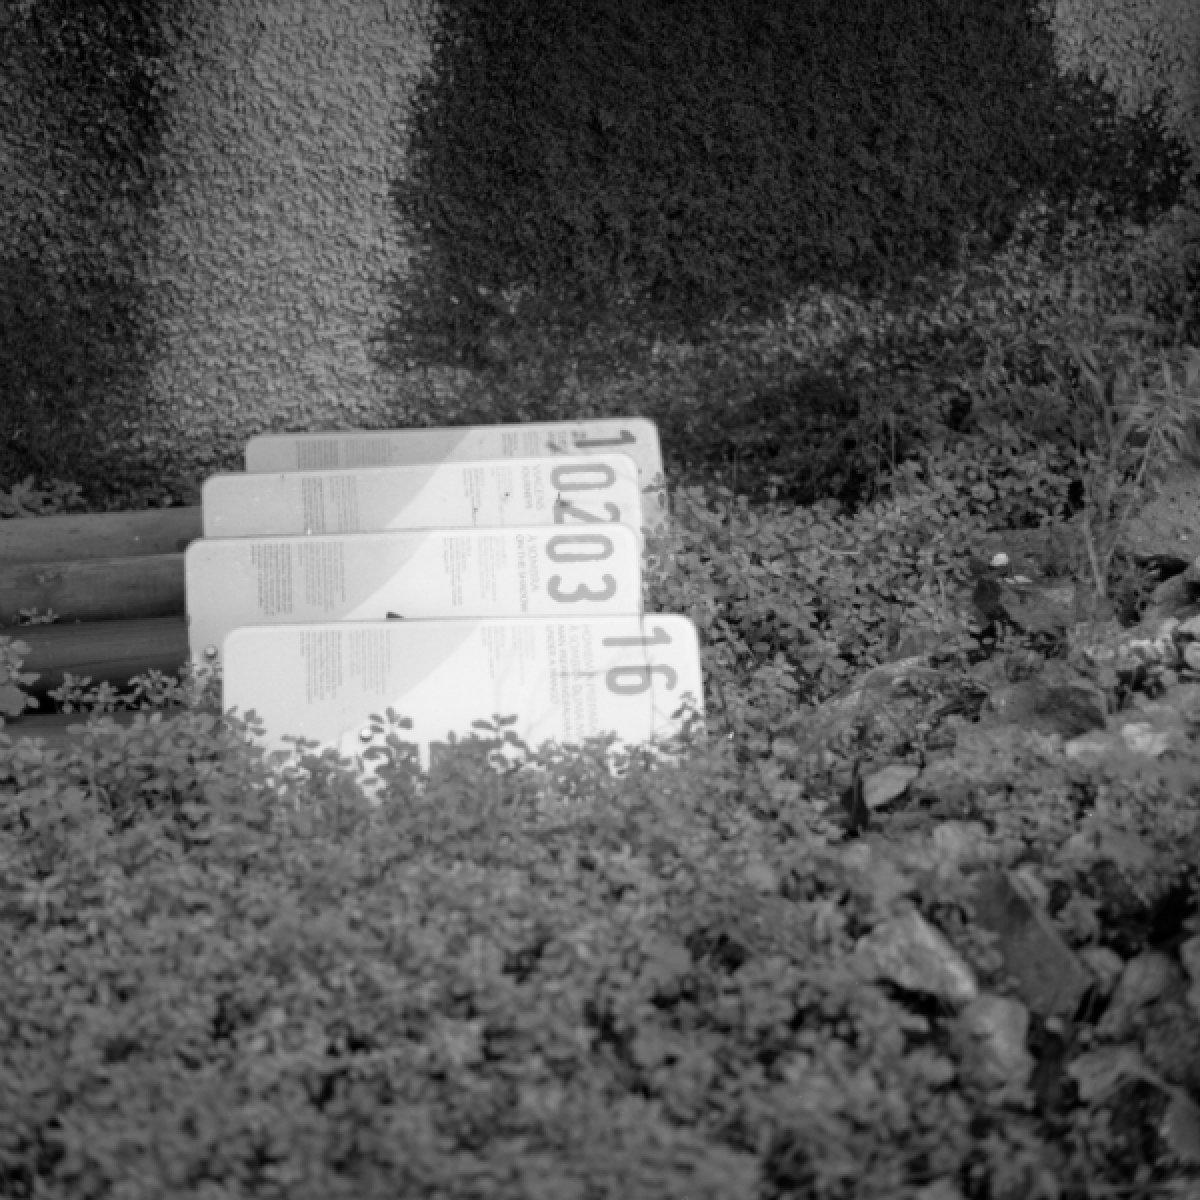 6x6-lisabon-2012-011